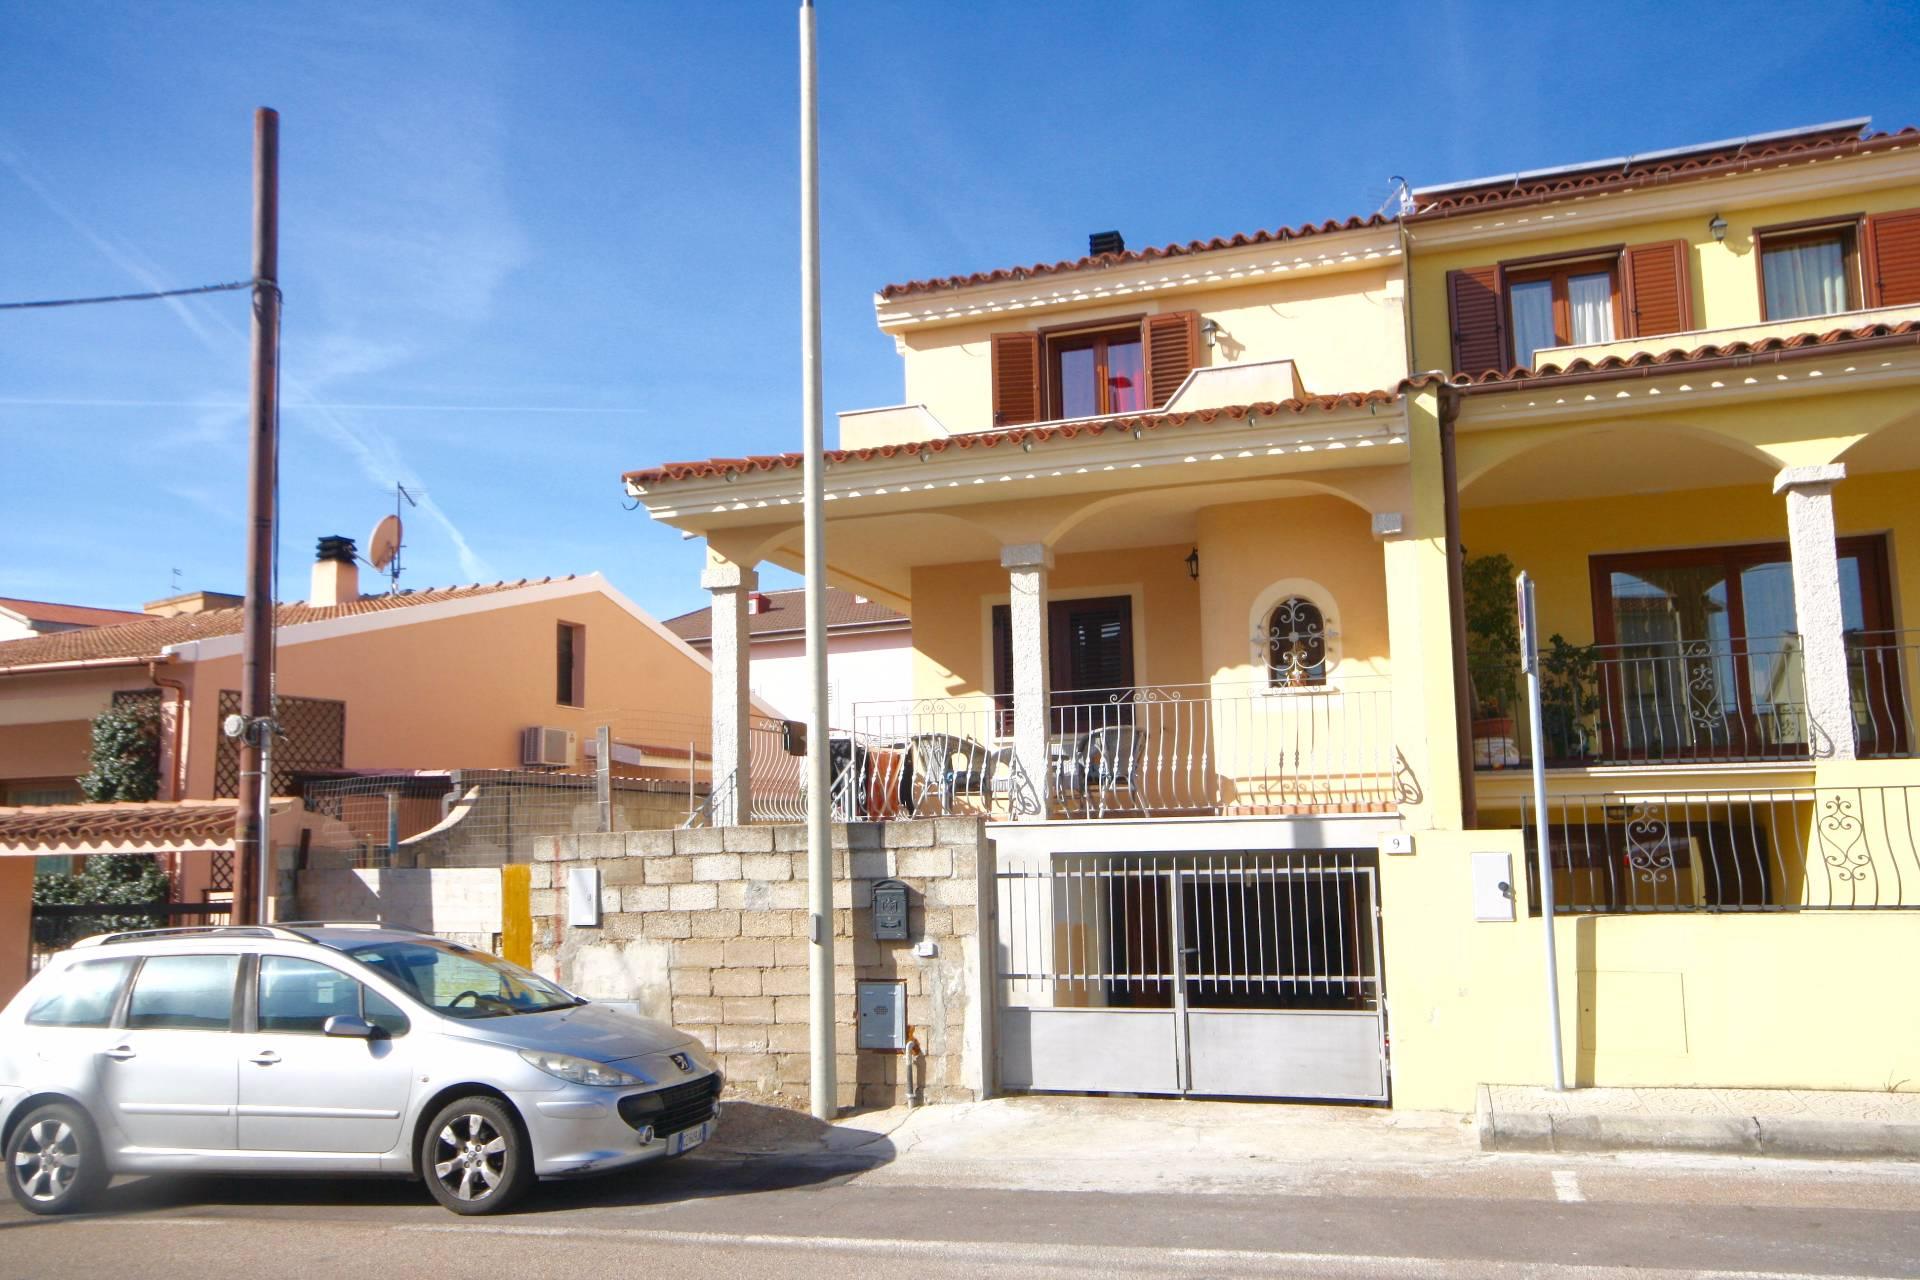 Villa in vendita a Olbia - Porto Rotondo, 6 locali, zona Località: Olbiacittà, prezzo € 300.000   CambioCasa.it